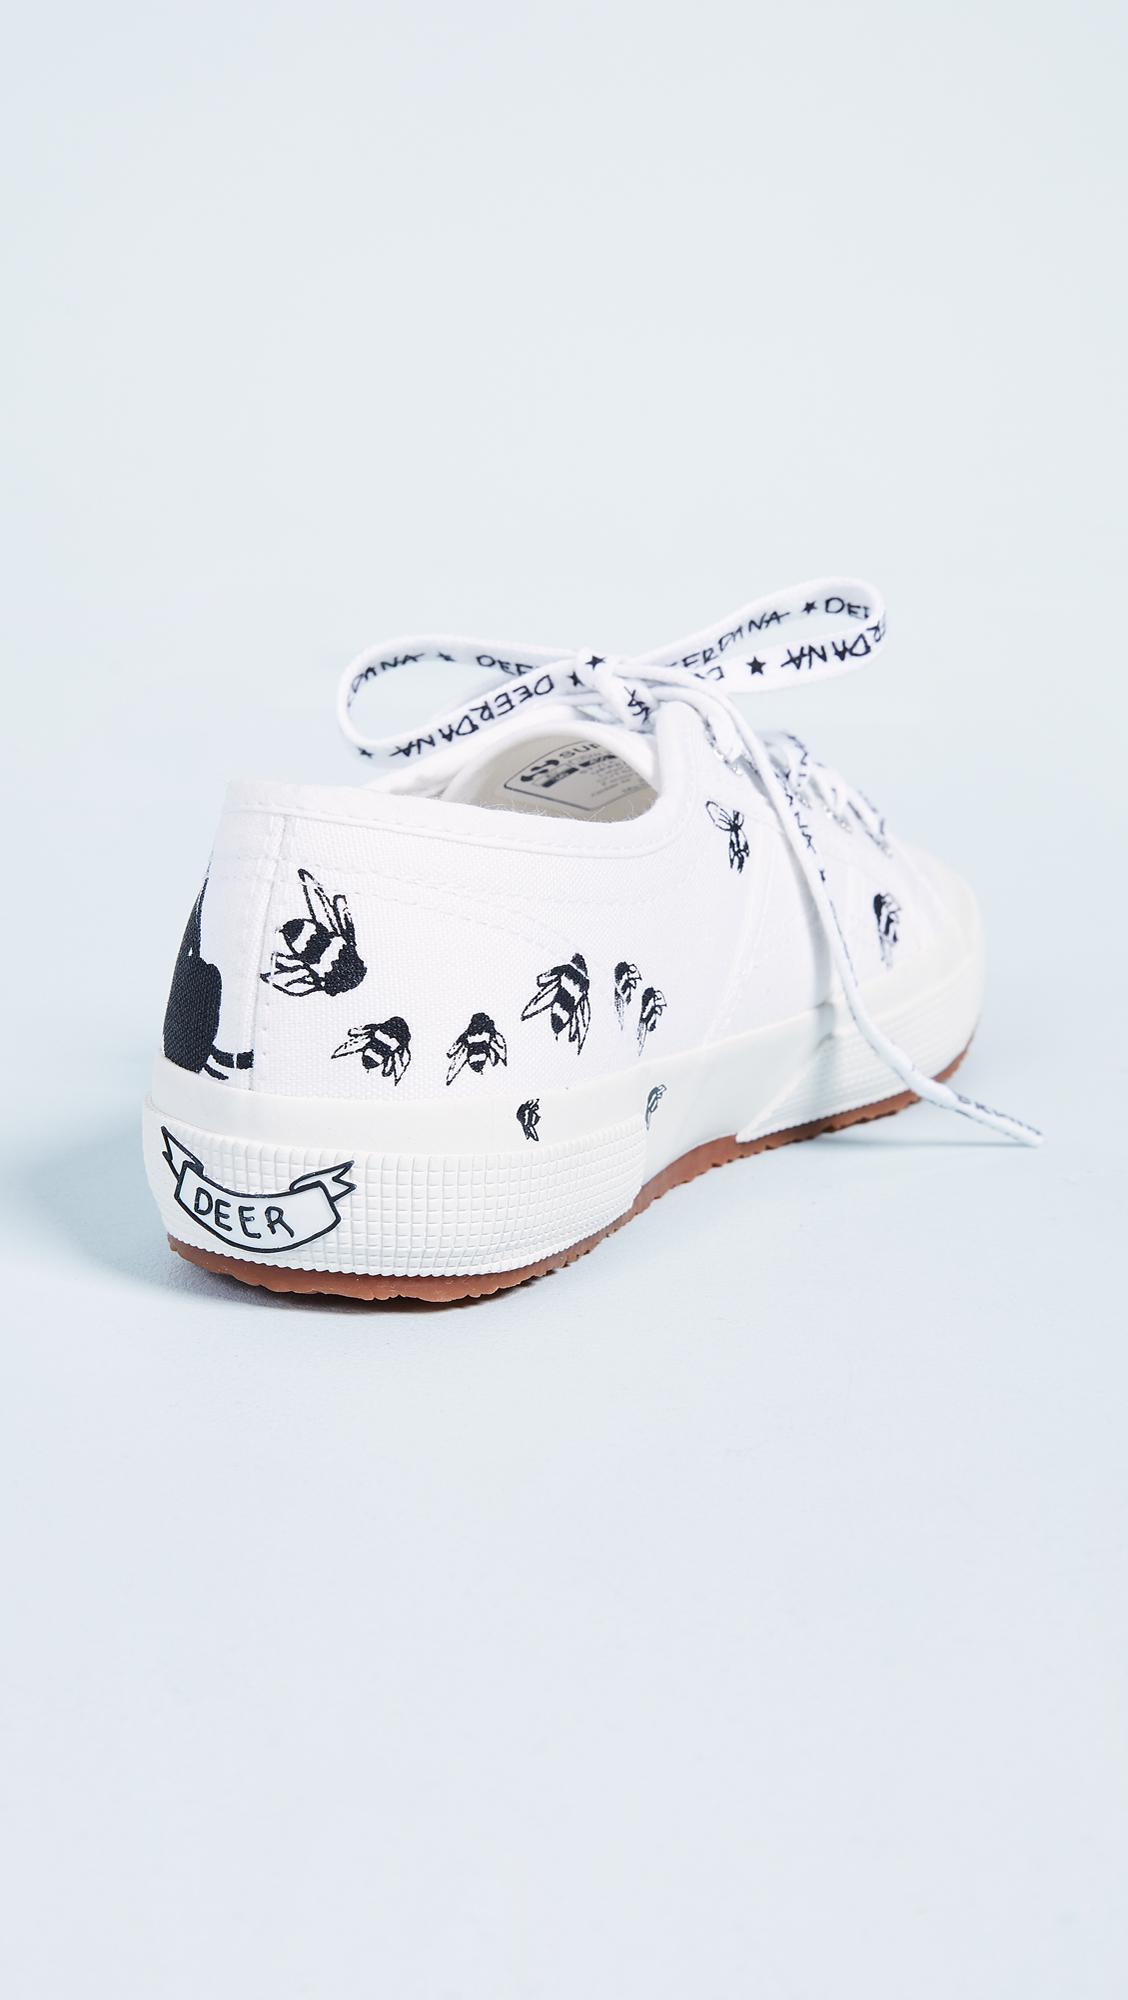 2750 Deer Dana Bees Sneakers in White